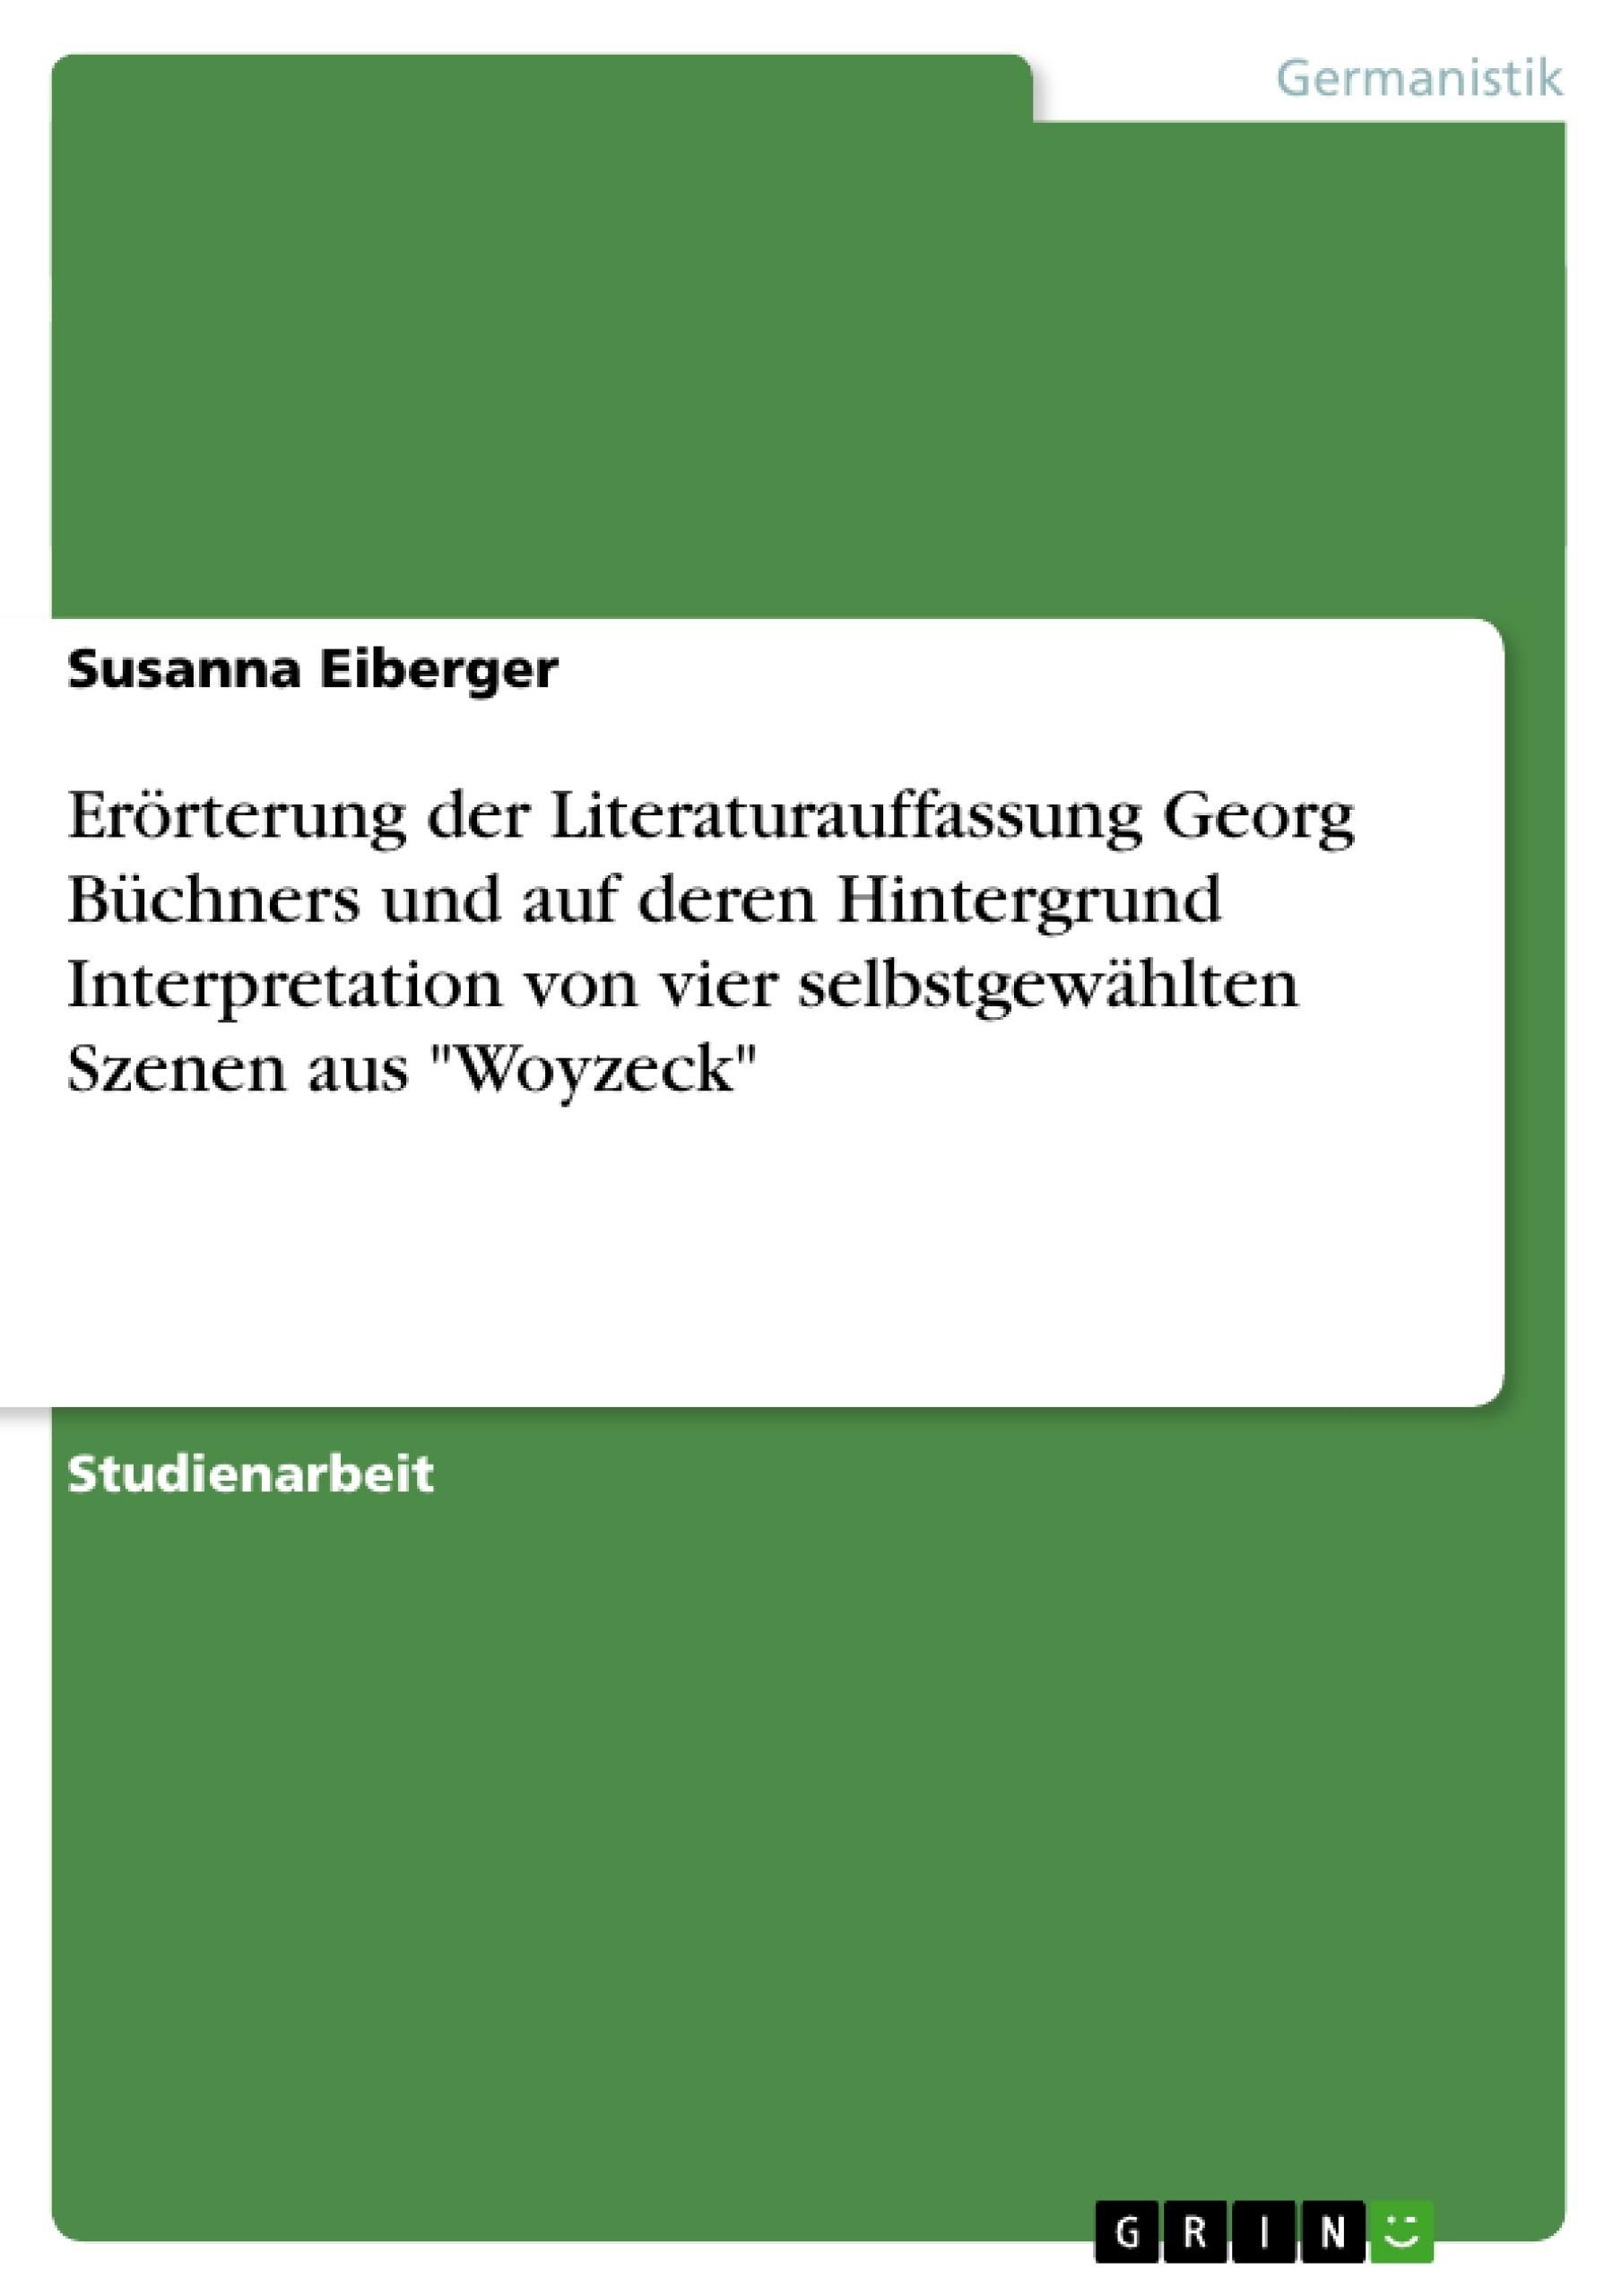 """Titel: Erörterung der Literaturauffassung Georg Büchners und auf deren Hintergrund Interpretation von vier selbstgewählten Szenen aus """"Woyzeck"""""""